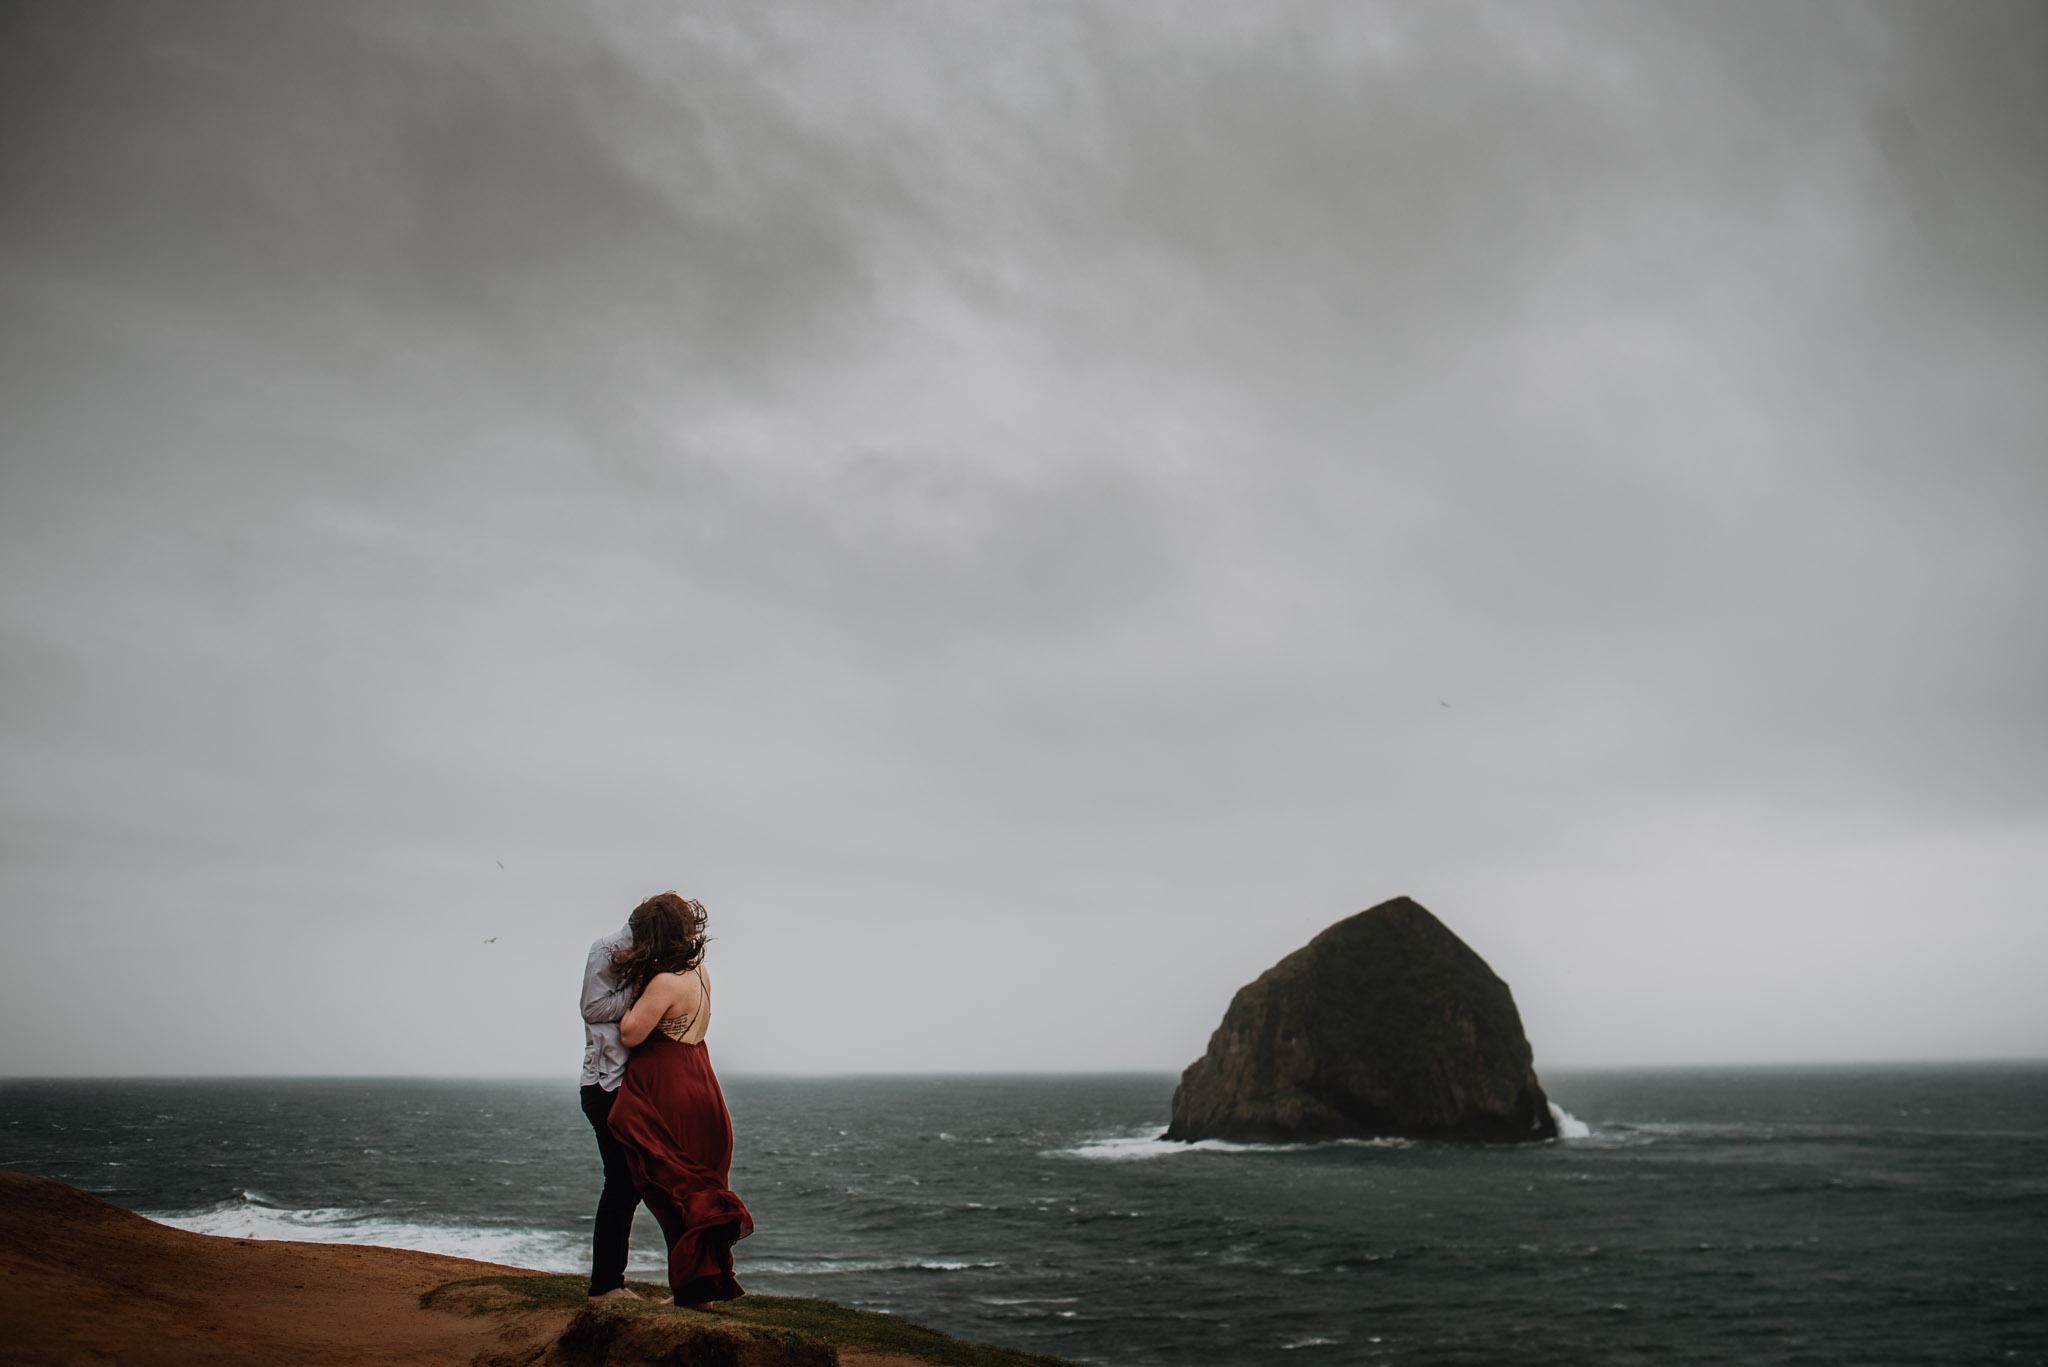 Arianna & Brian - Coast of freakin Oregon 🤙🏻